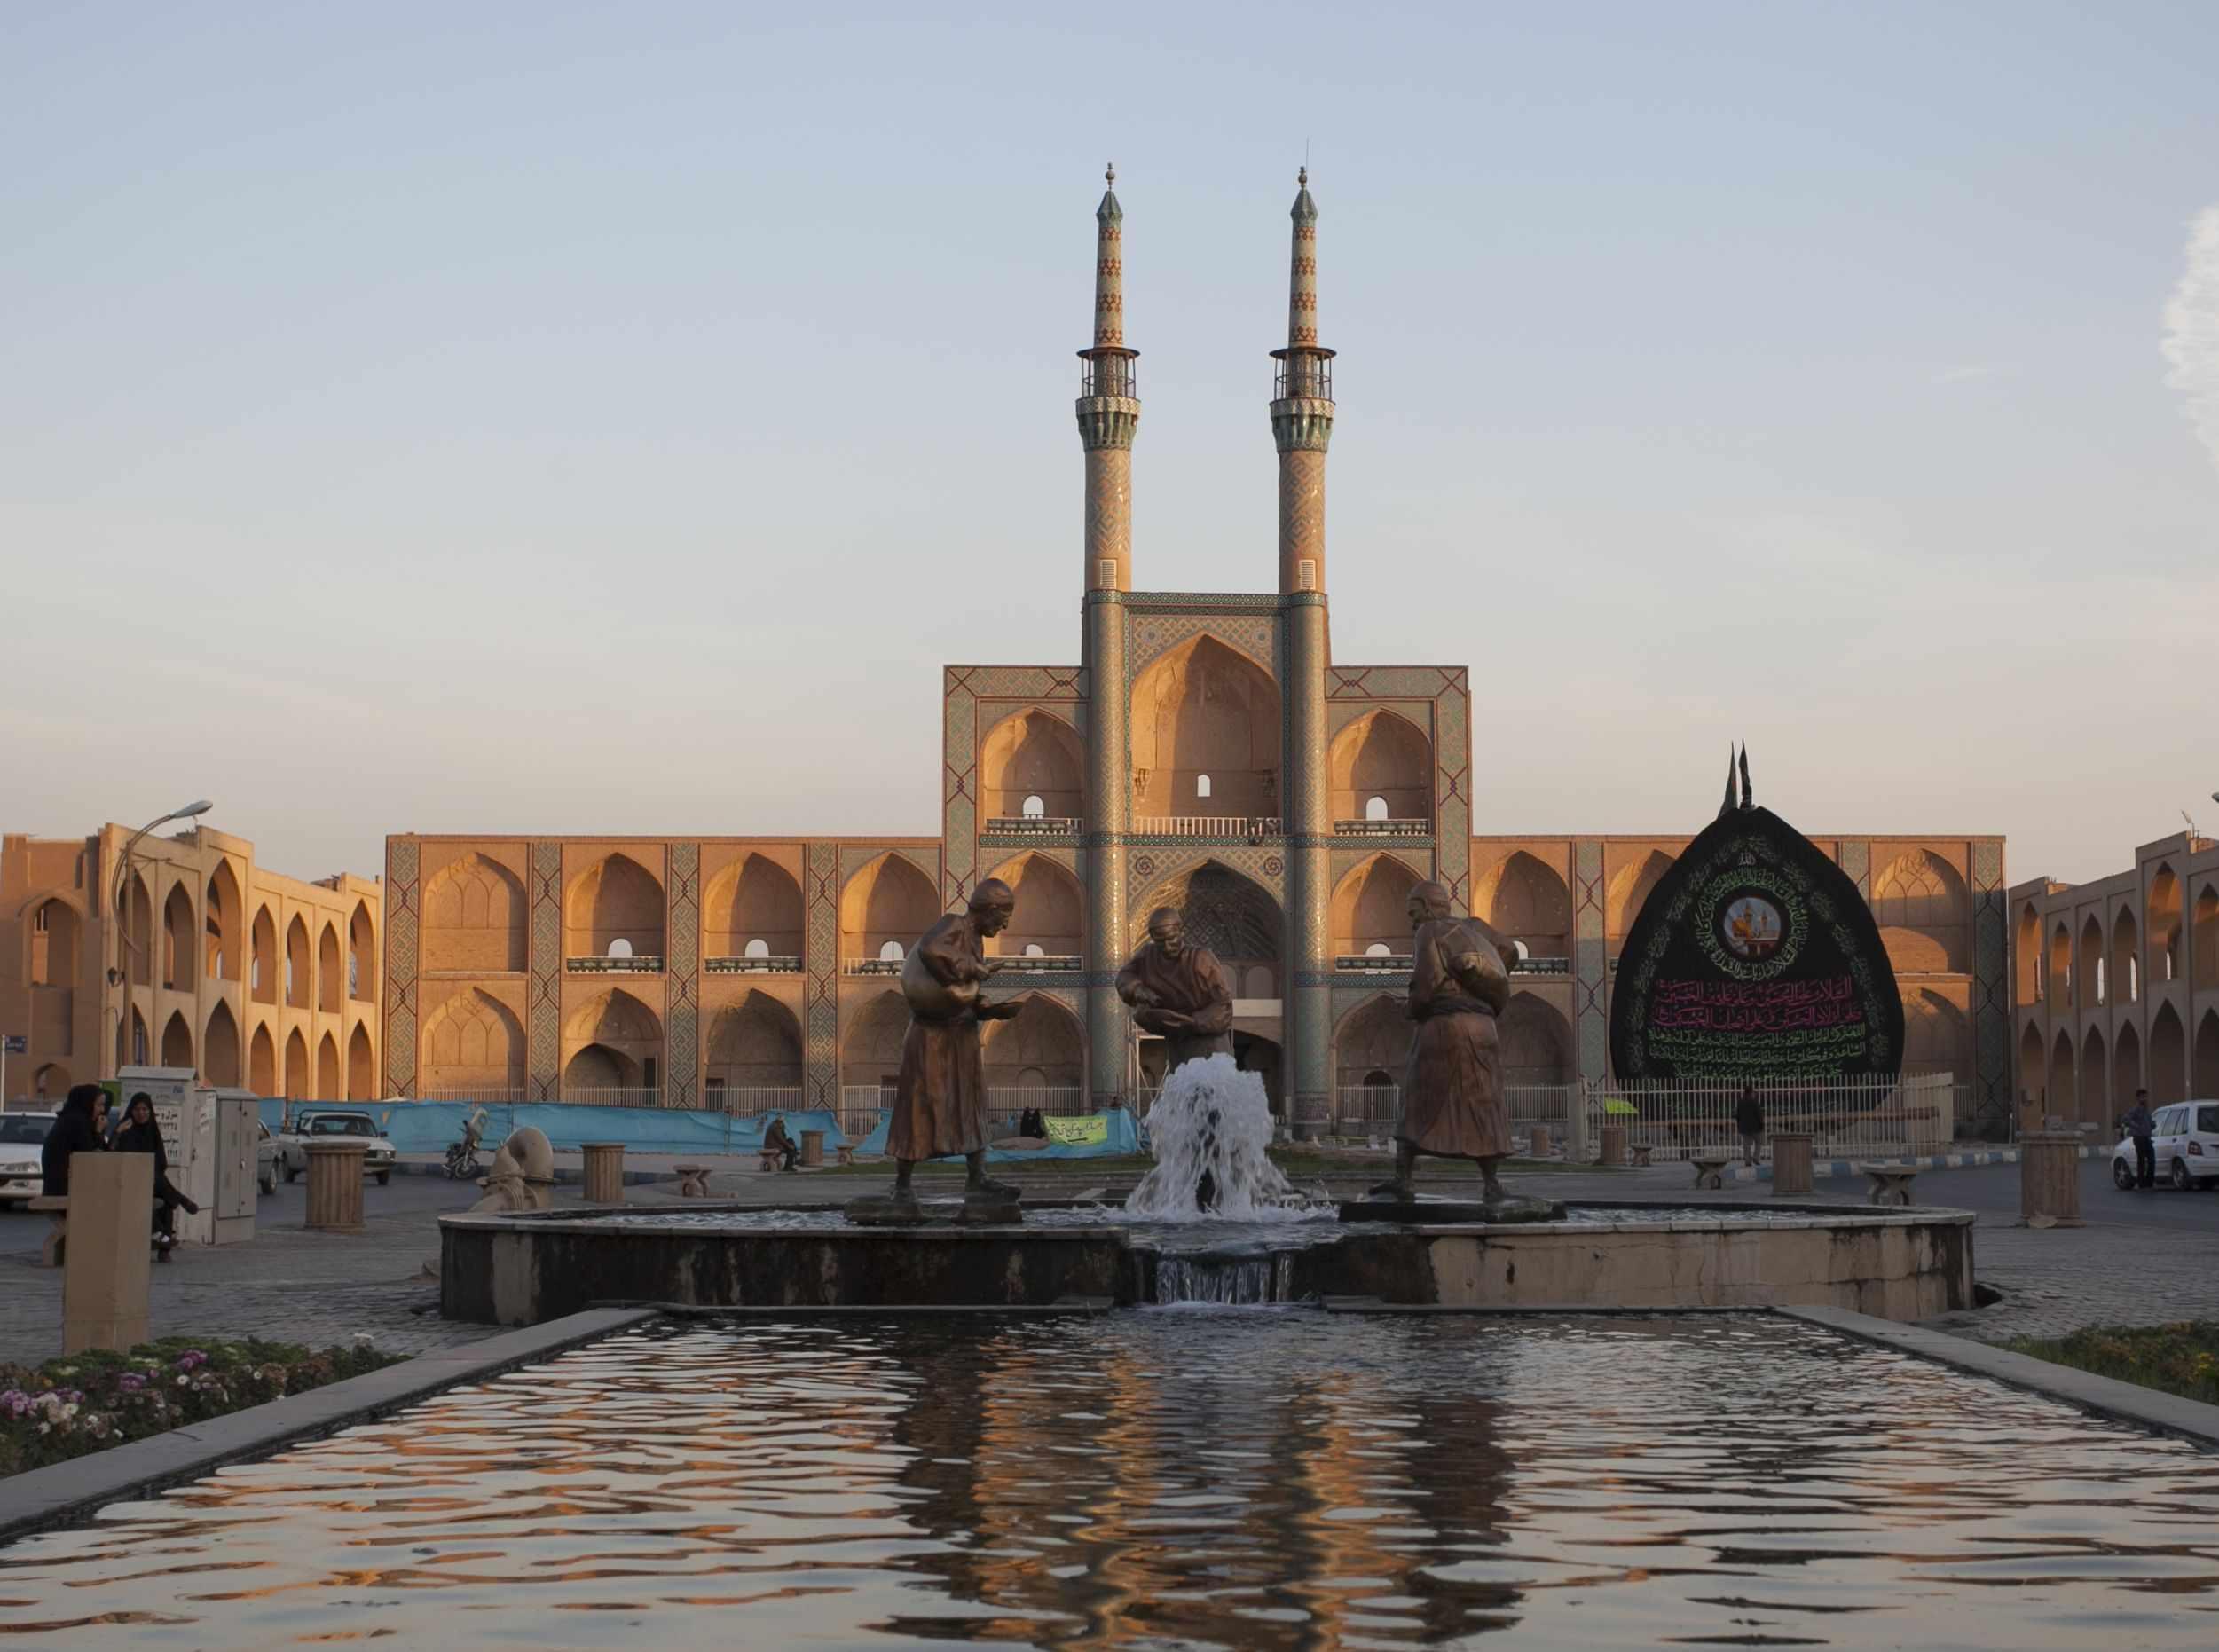 میدان امیر چخماق یزد، نماد باستانی ترین شهر ایران